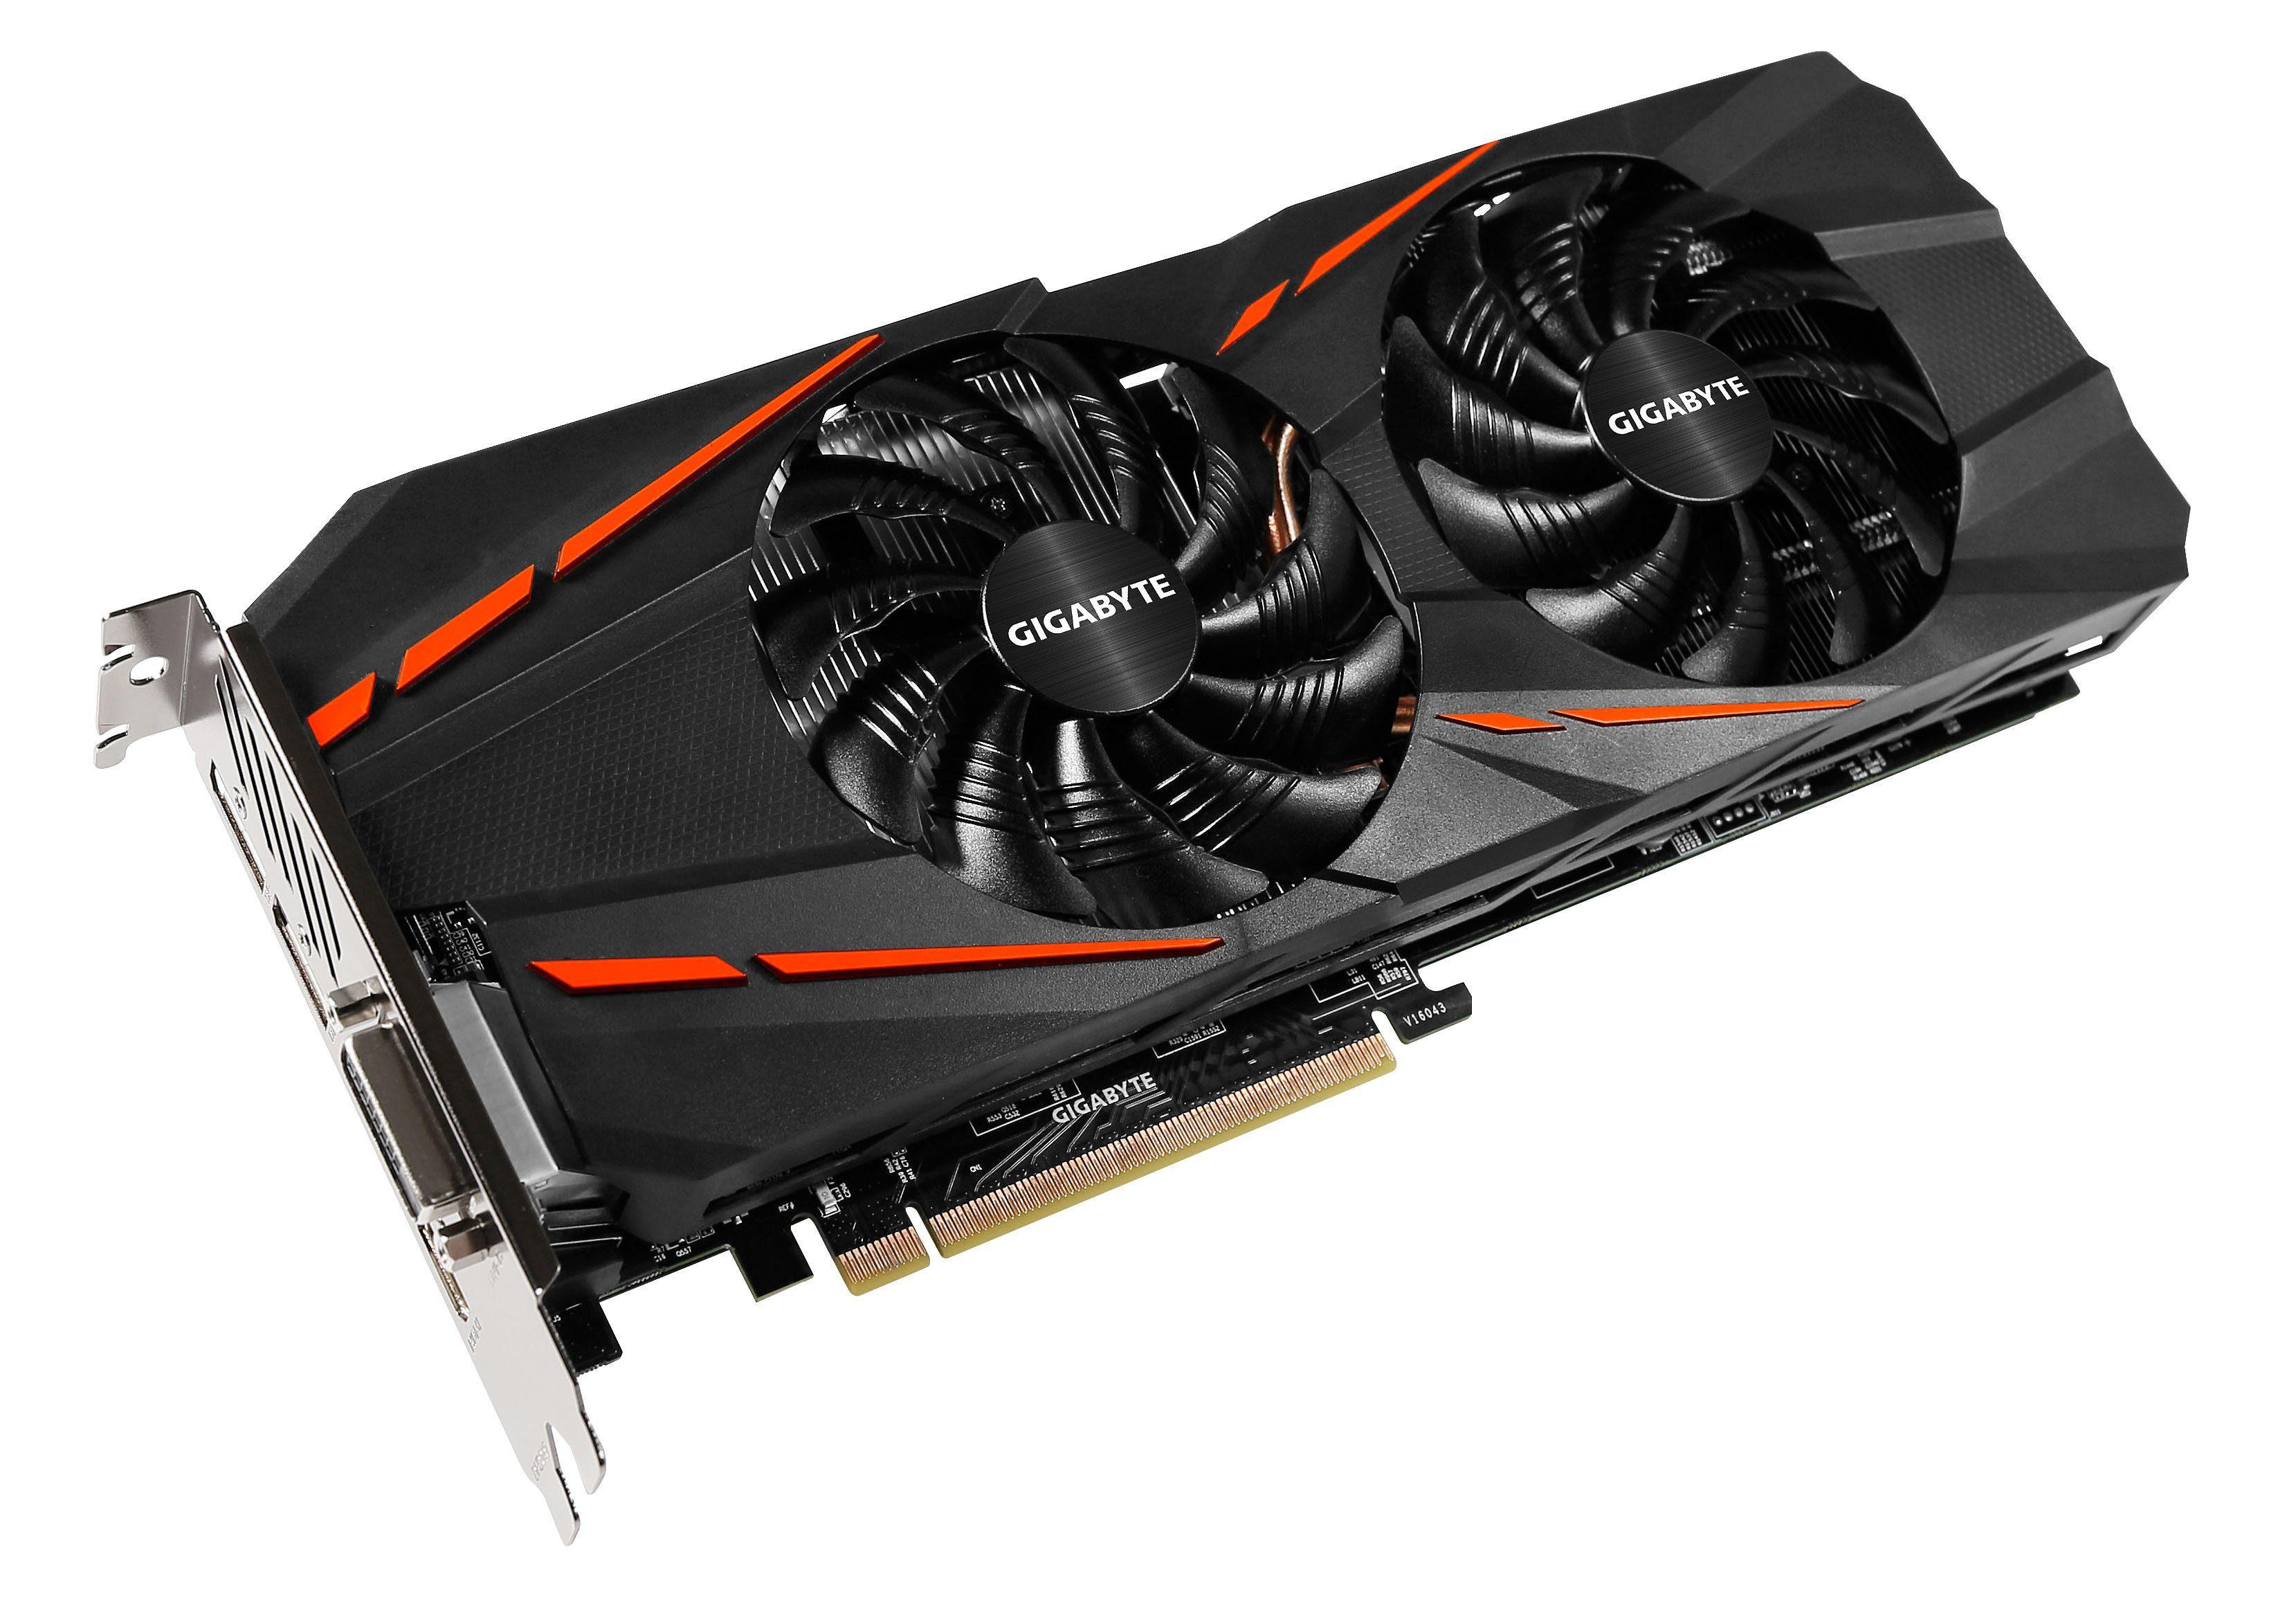 GIGABYTE Grafikkarte NVIDIA GeForce® GTX 1060 G1 Gaming 6GB »GV-N1060G1 GAMING-6GD (Rev. 2.0)«